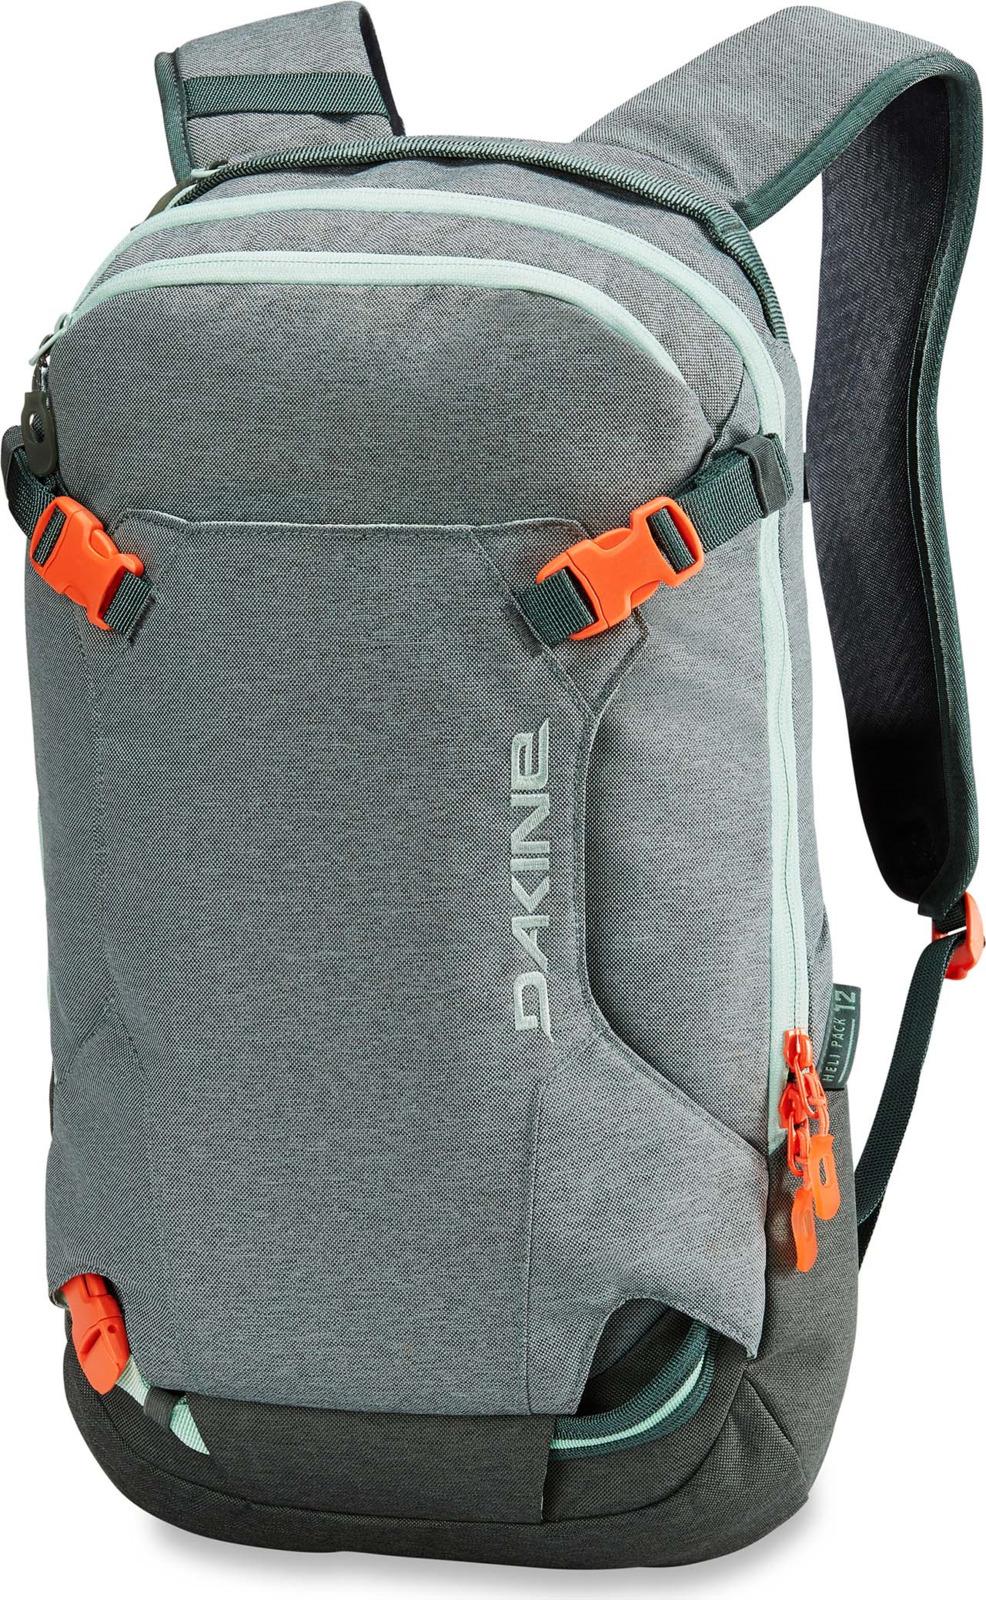 Рюкзак женский Dakine Women's Heli Pack, цвет: бирюзовый, 12 л oiwas ноутбук рюкзак мода случайные